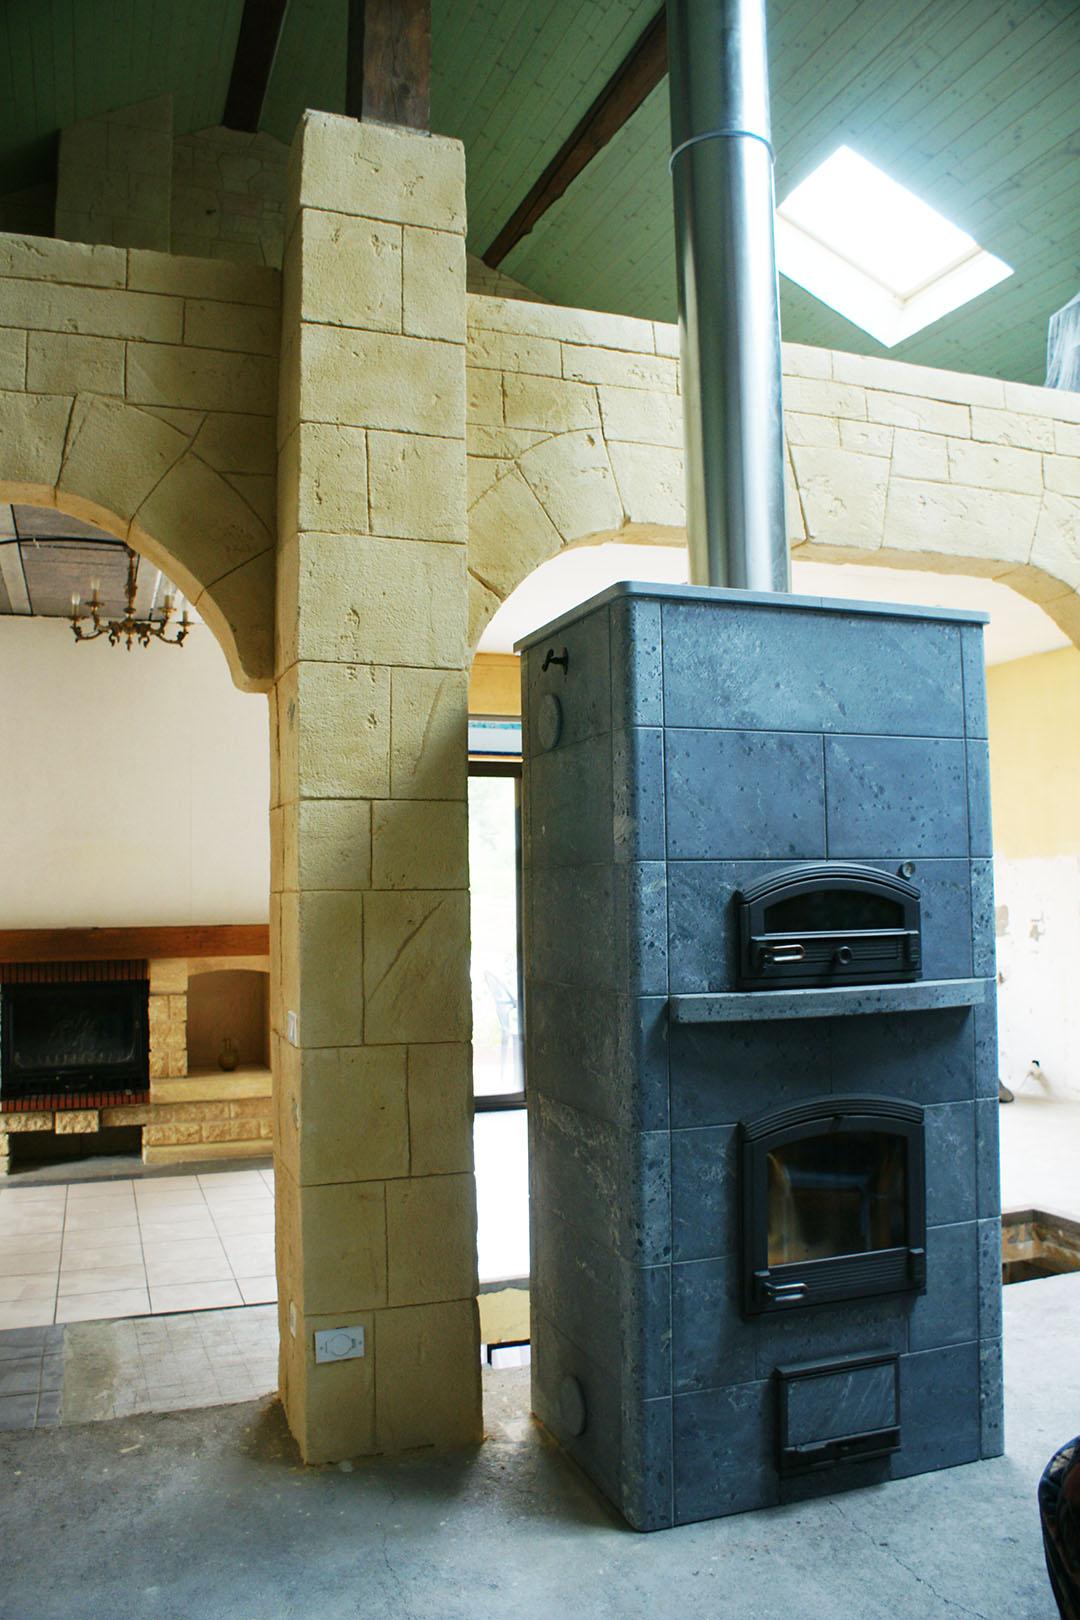 décoration-intérieur-avec-fausse-pierre-sur-arches-avec-poele-à-bois-tulikivi-dans-les-vosges